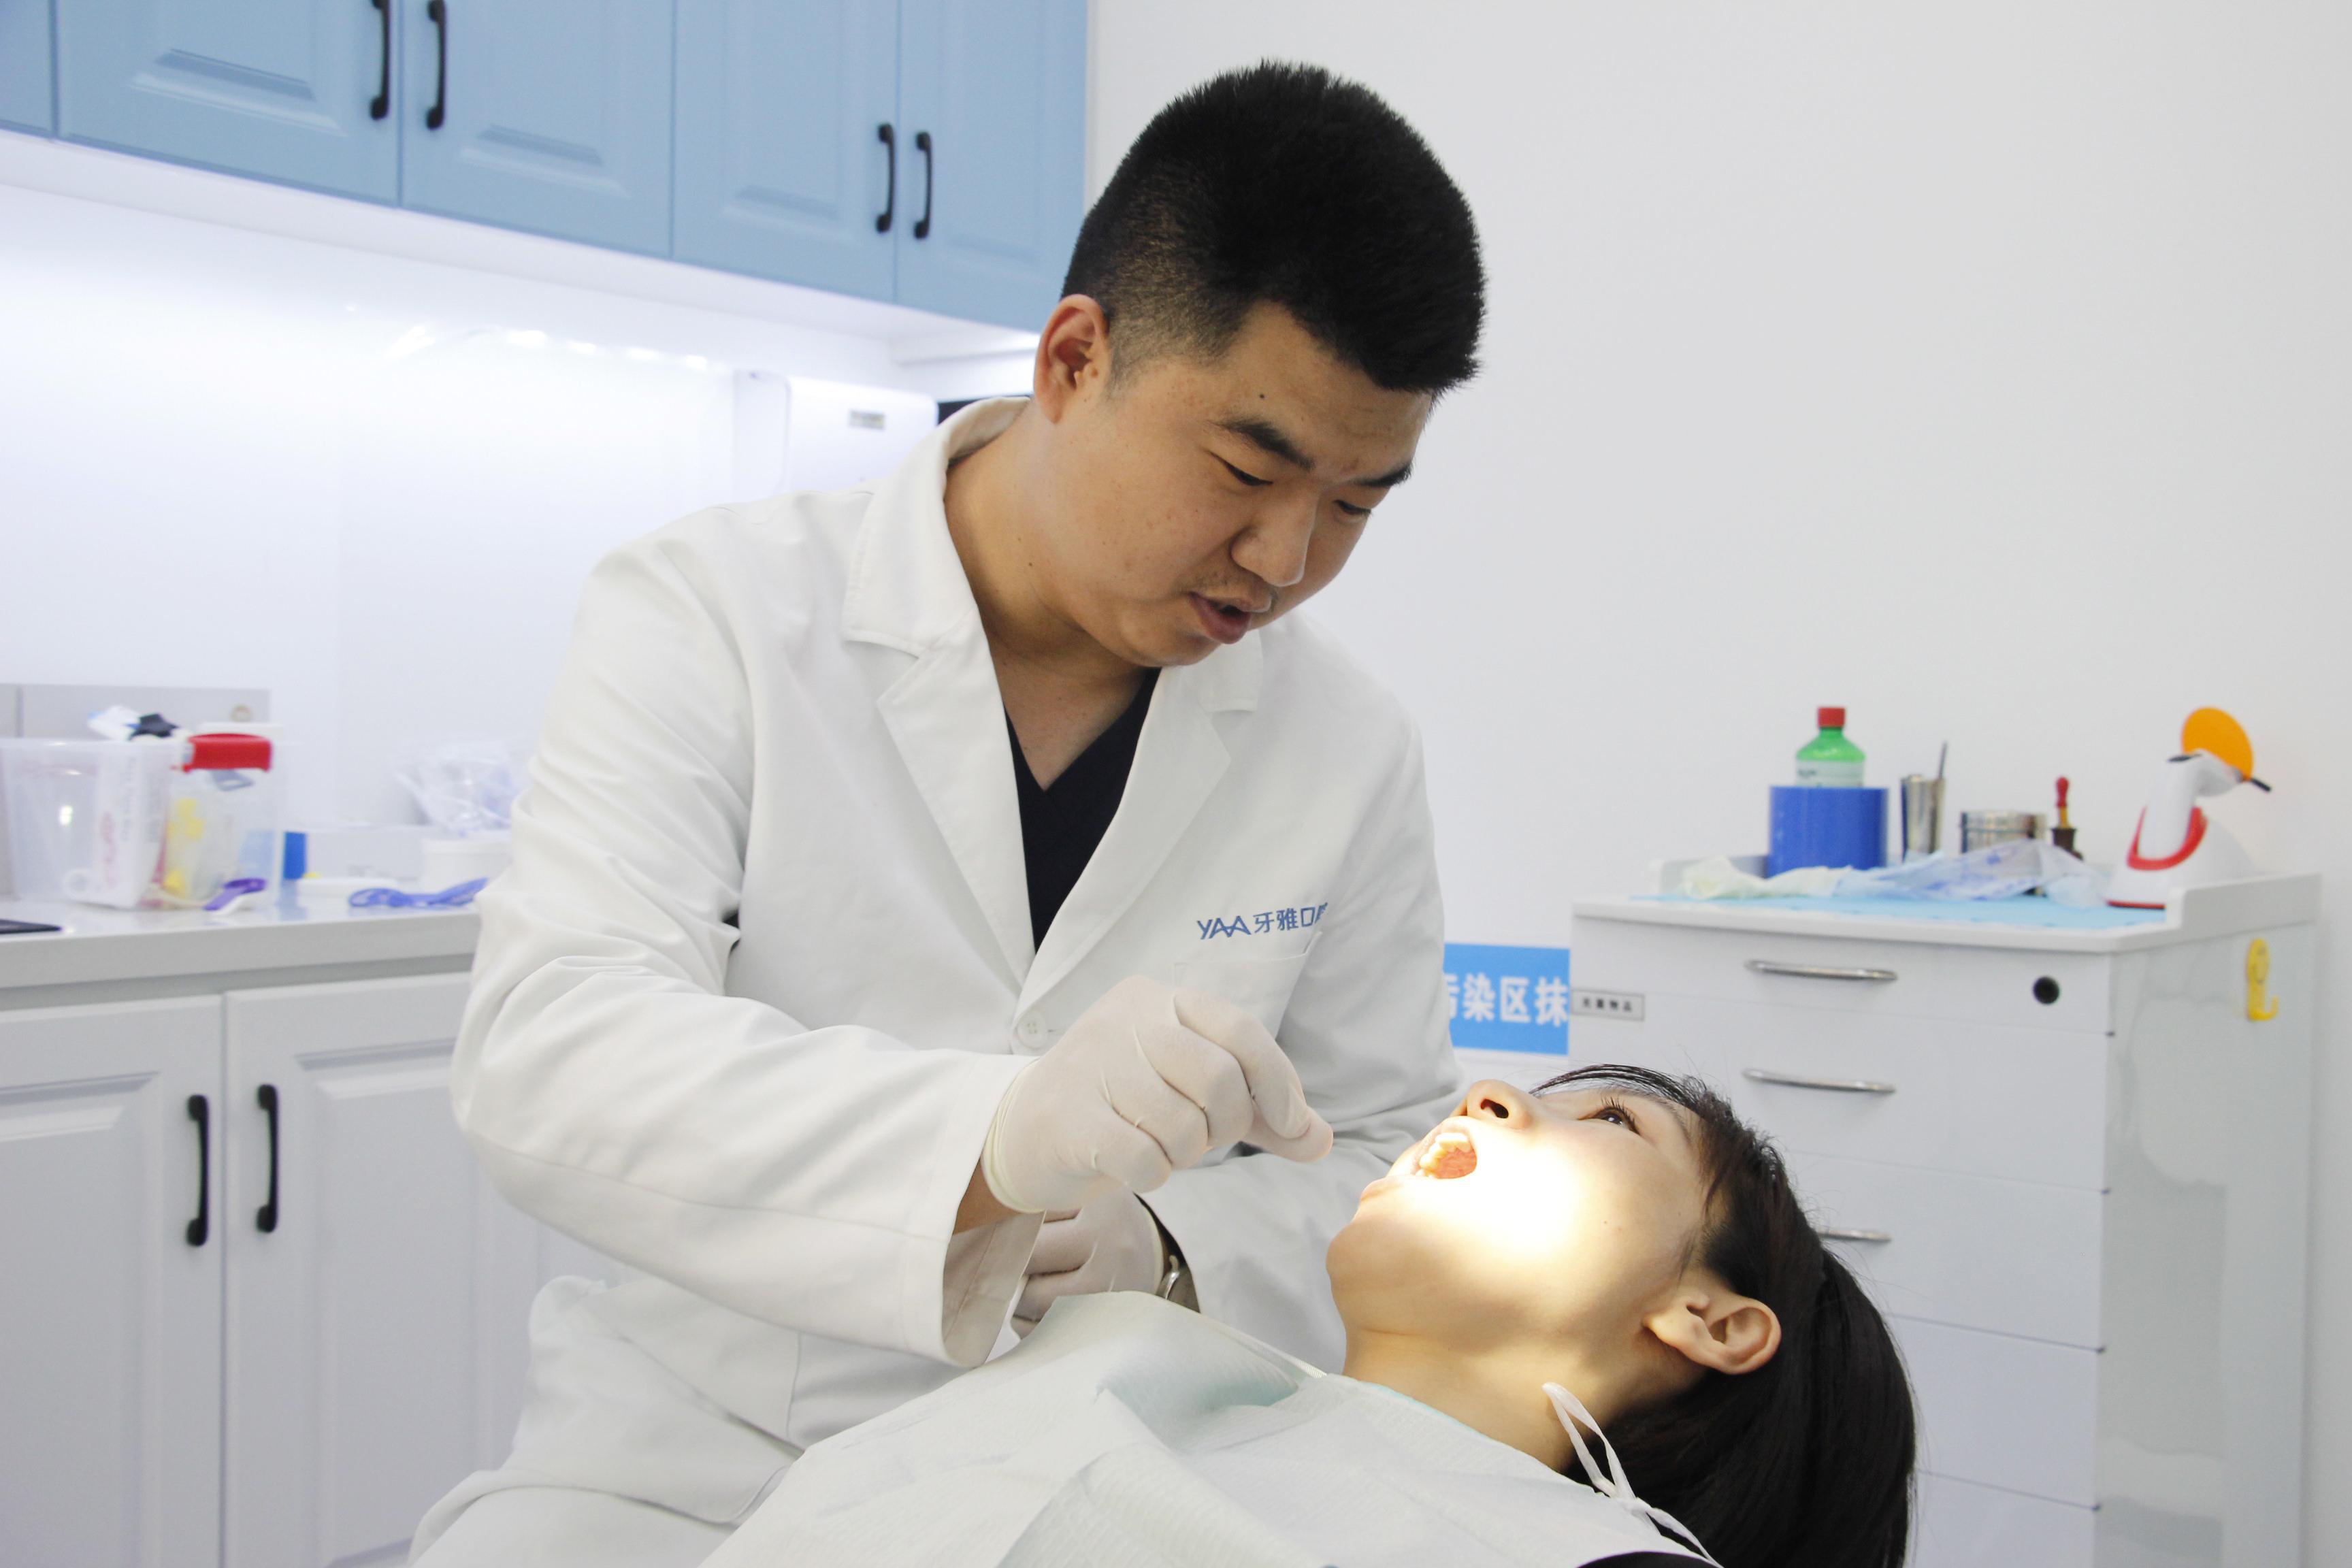 牙雅口腔谭先德:数字技术赋能全口种植,将大大提高老年无牙人群的生活品质